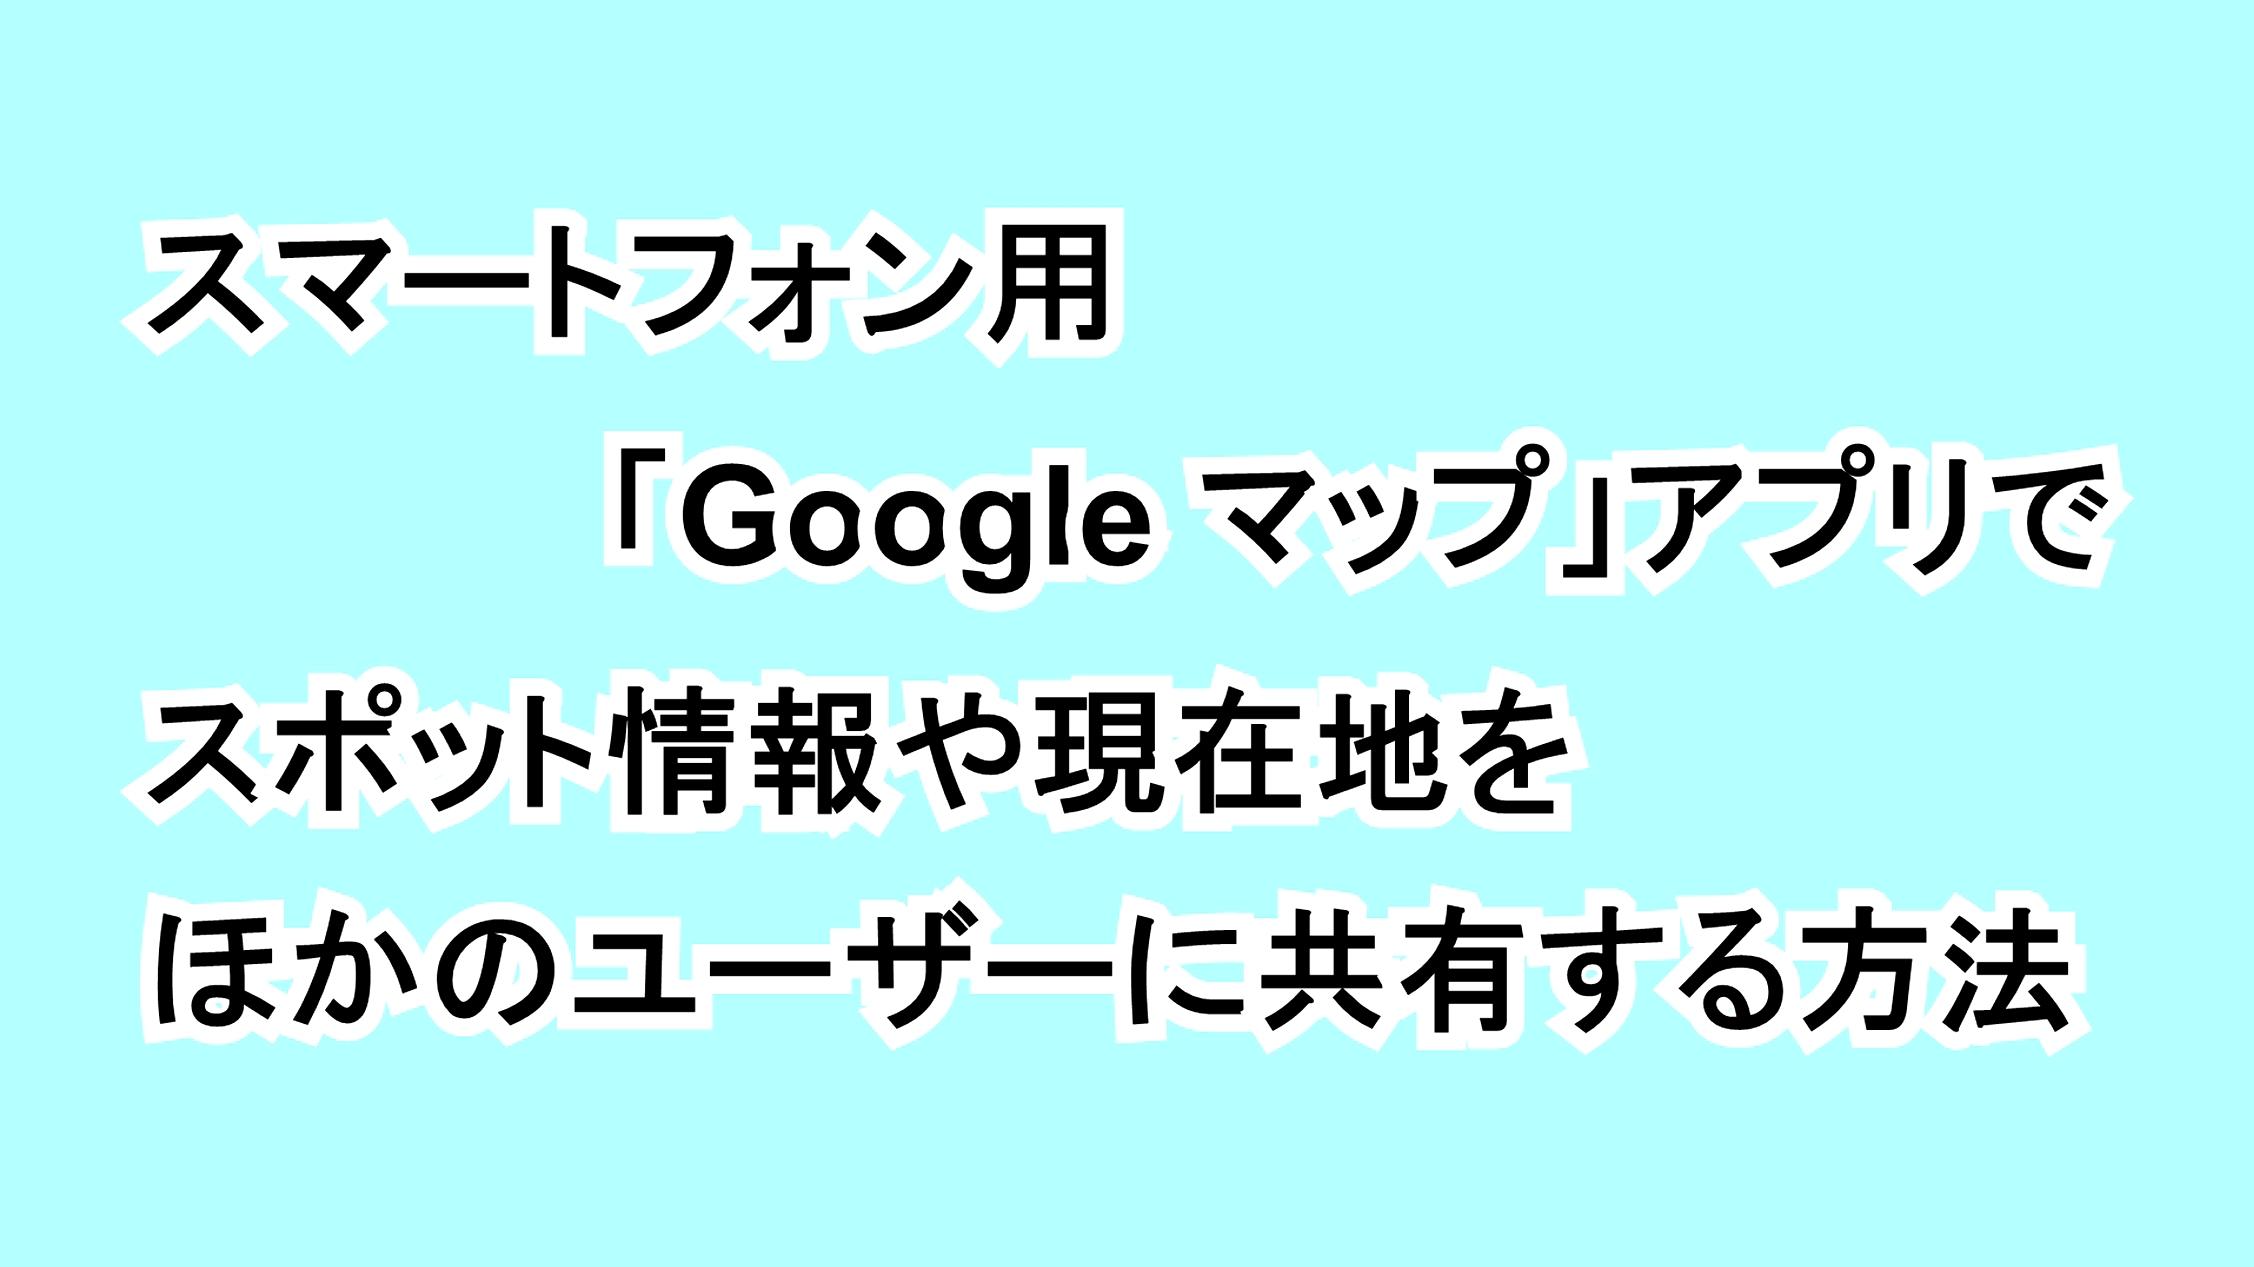 スマートフォン用「Google マップ」アプリでスポット情報や現在地をほかのユーザーに共有する方法